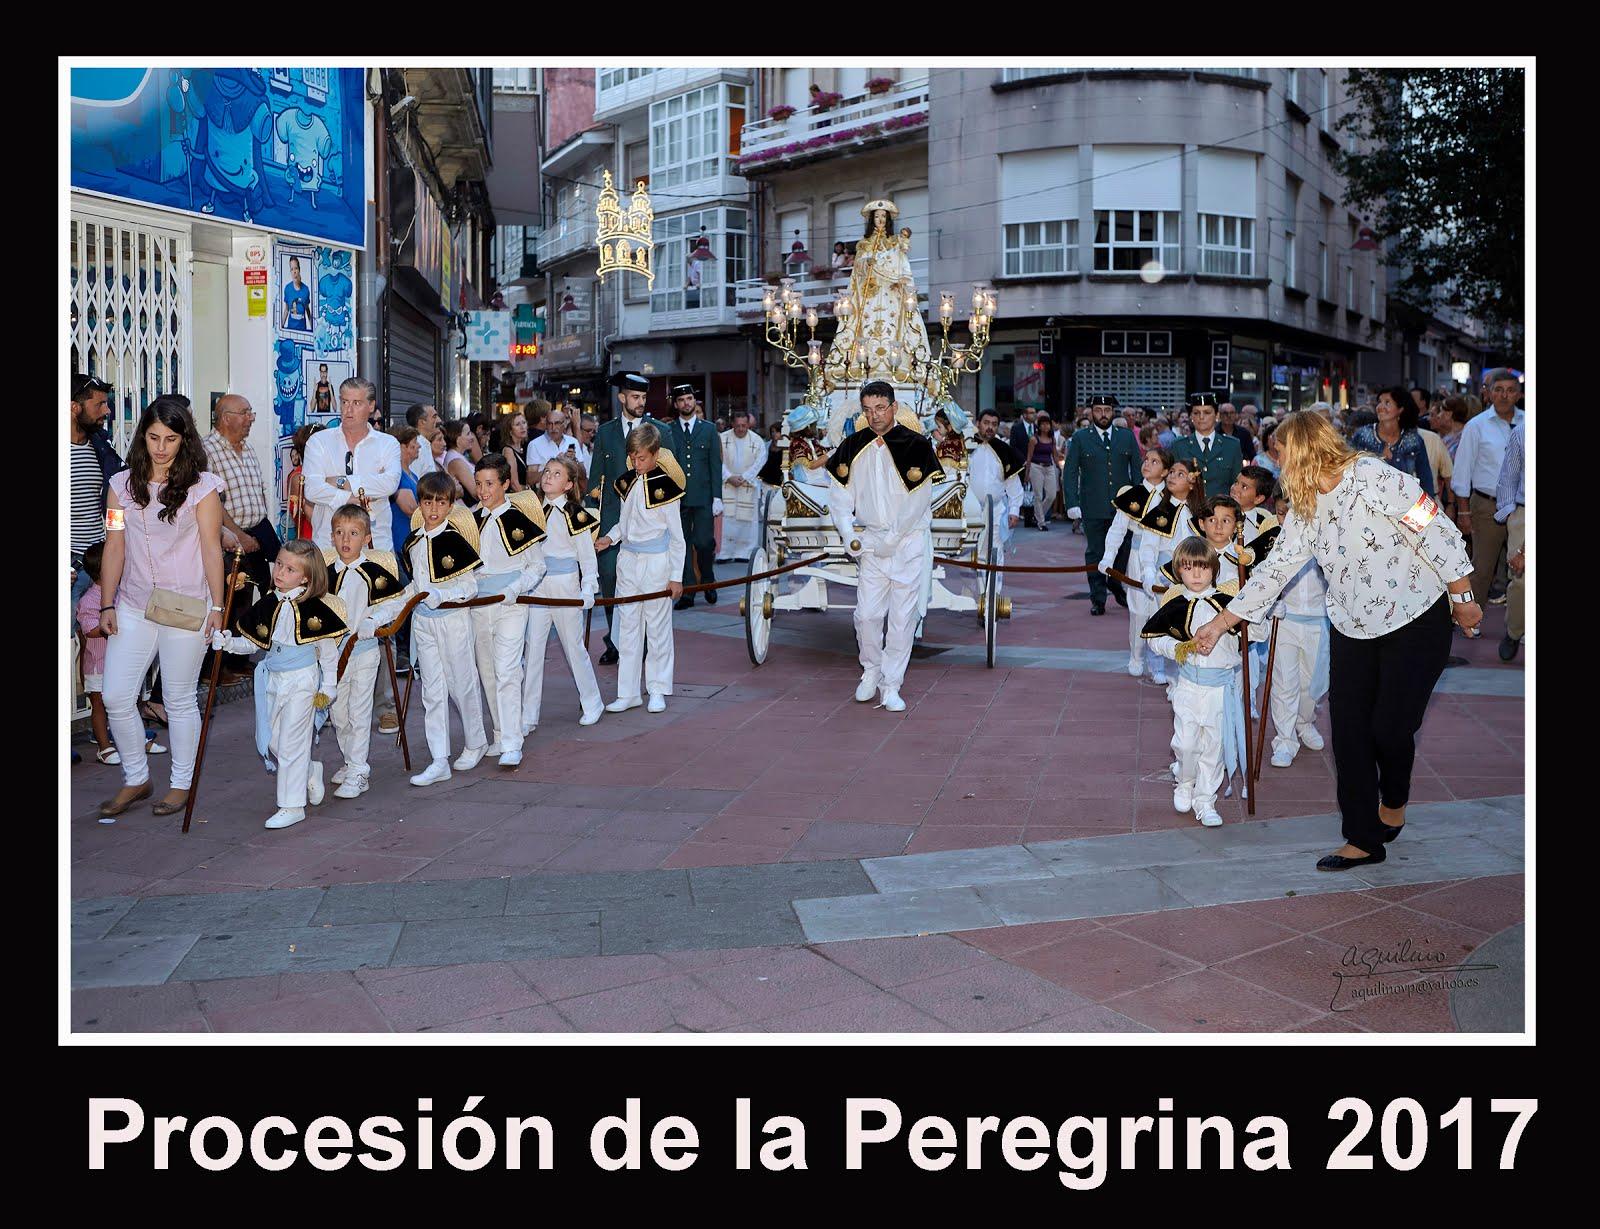 Peregrina 2017